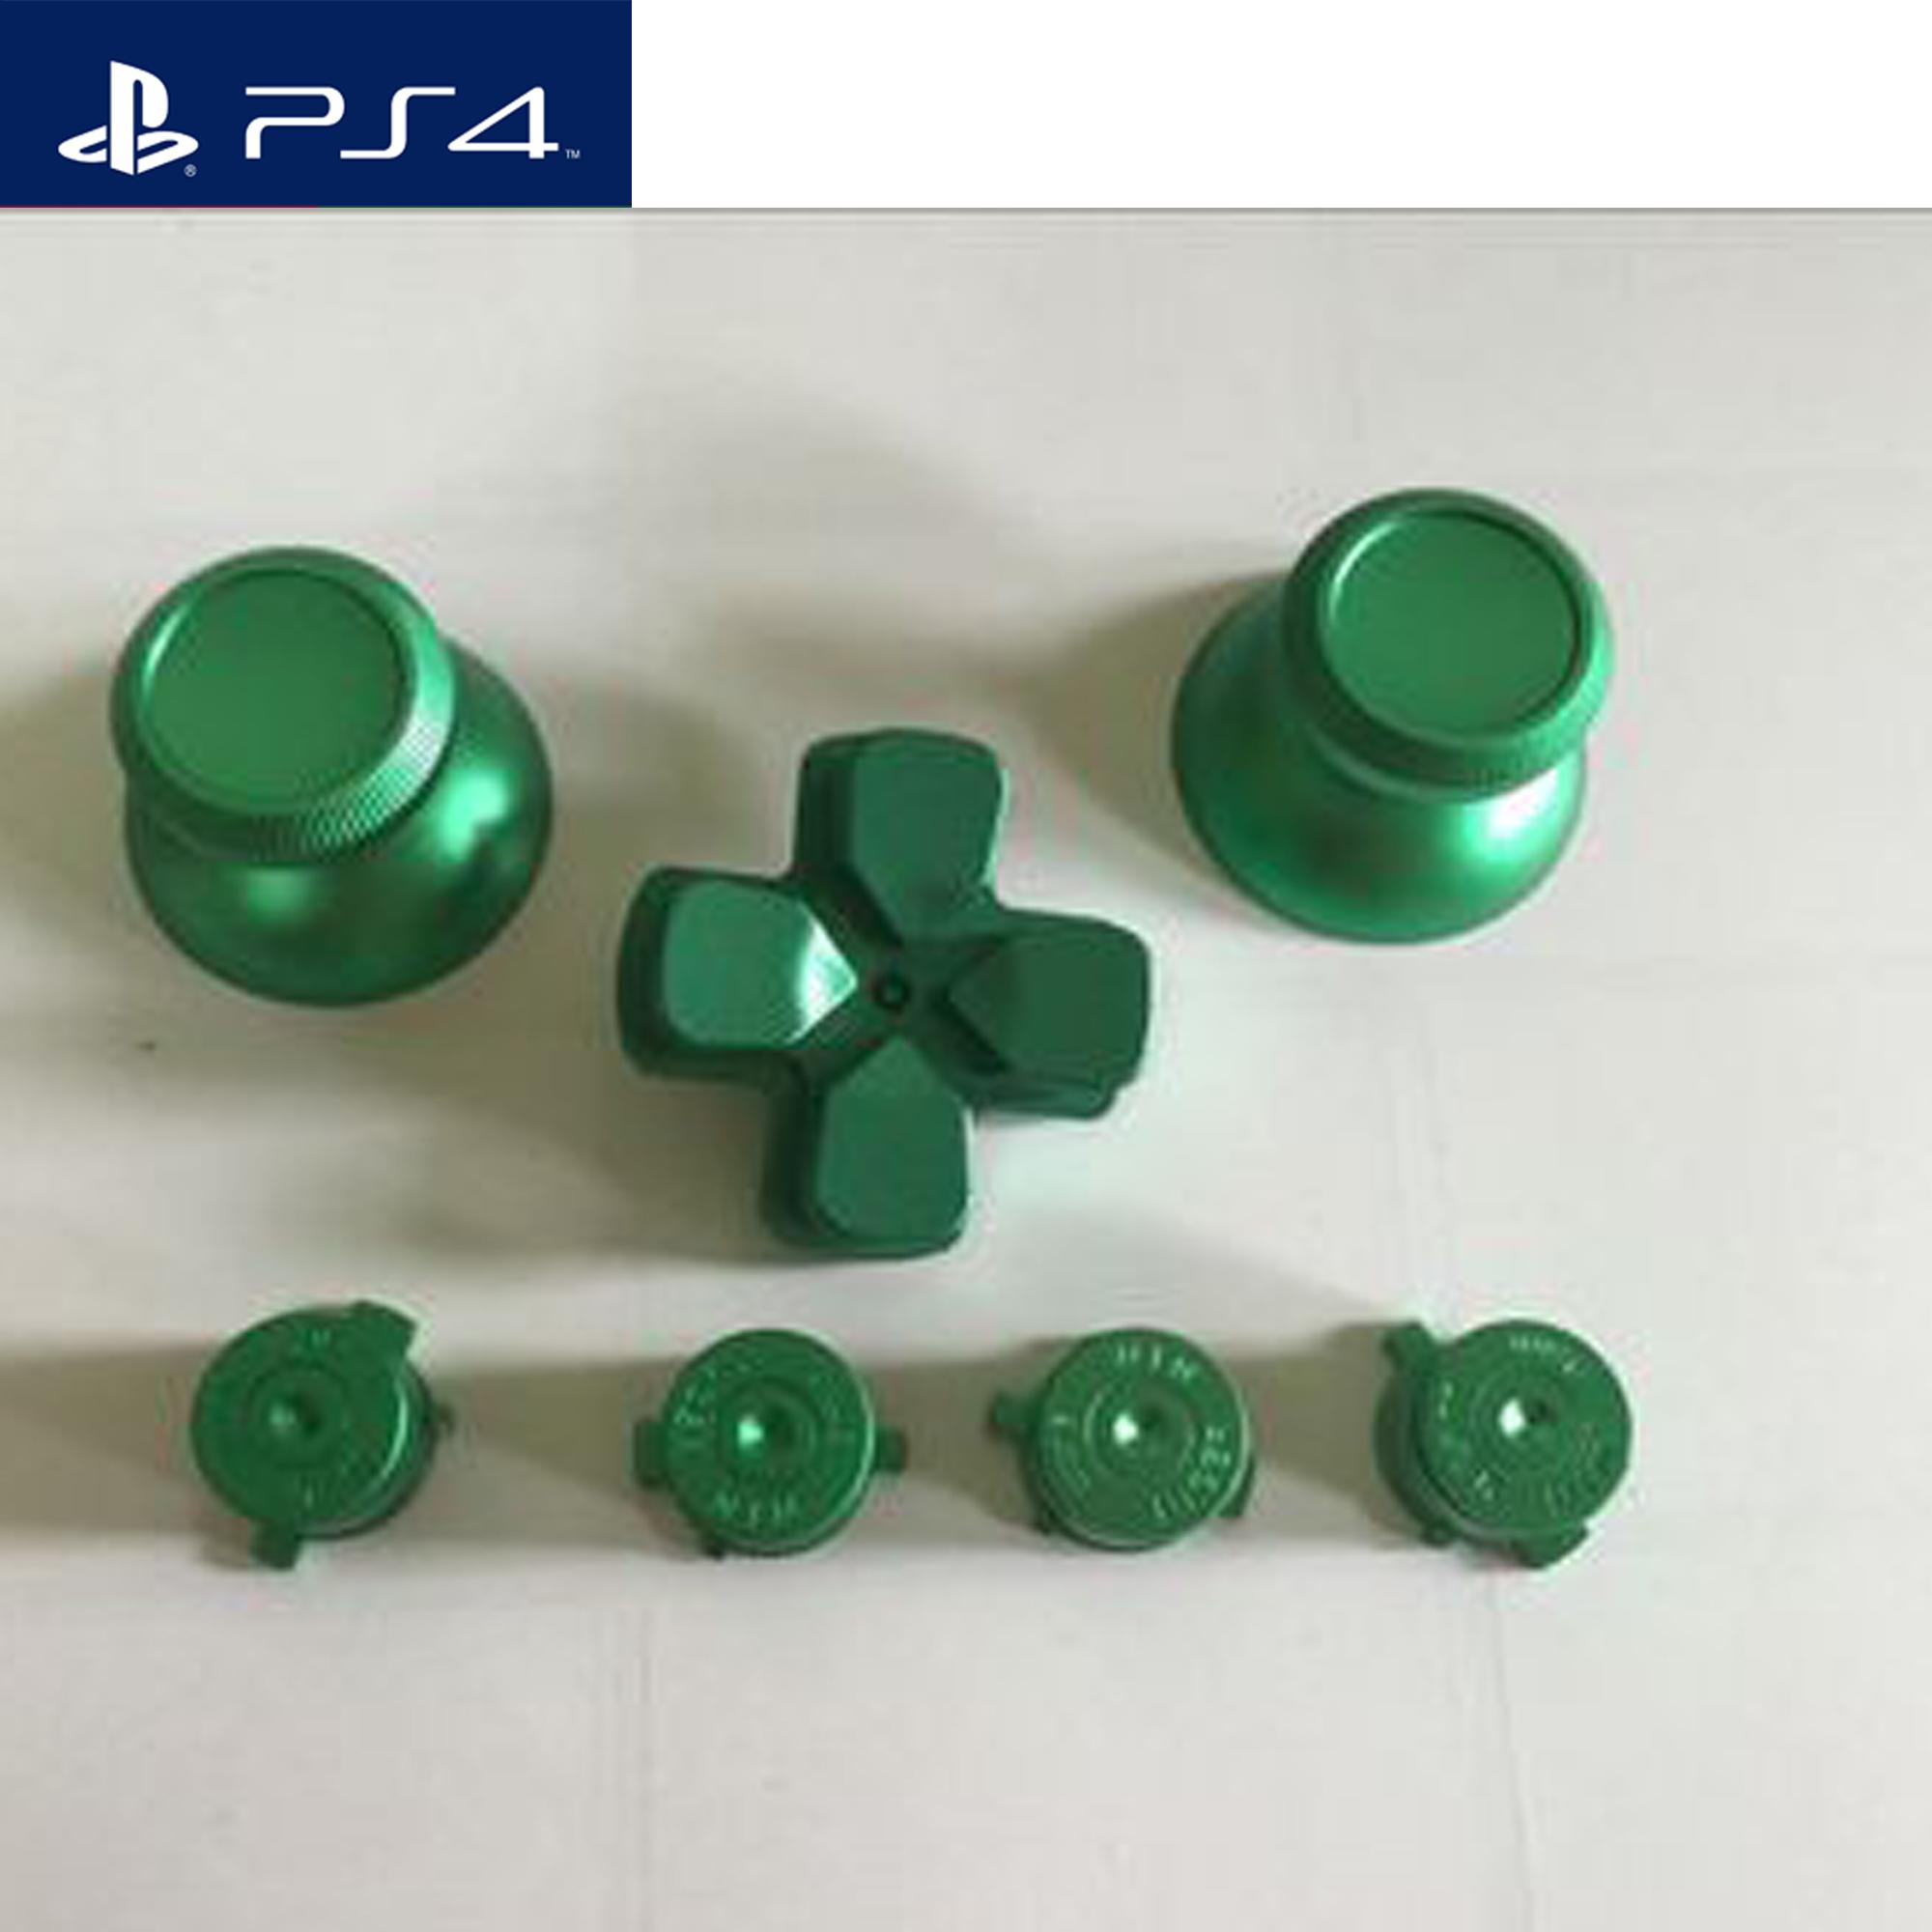 อะไหล่ ps4 ชุดอะลูมิเนียมสี เขียว